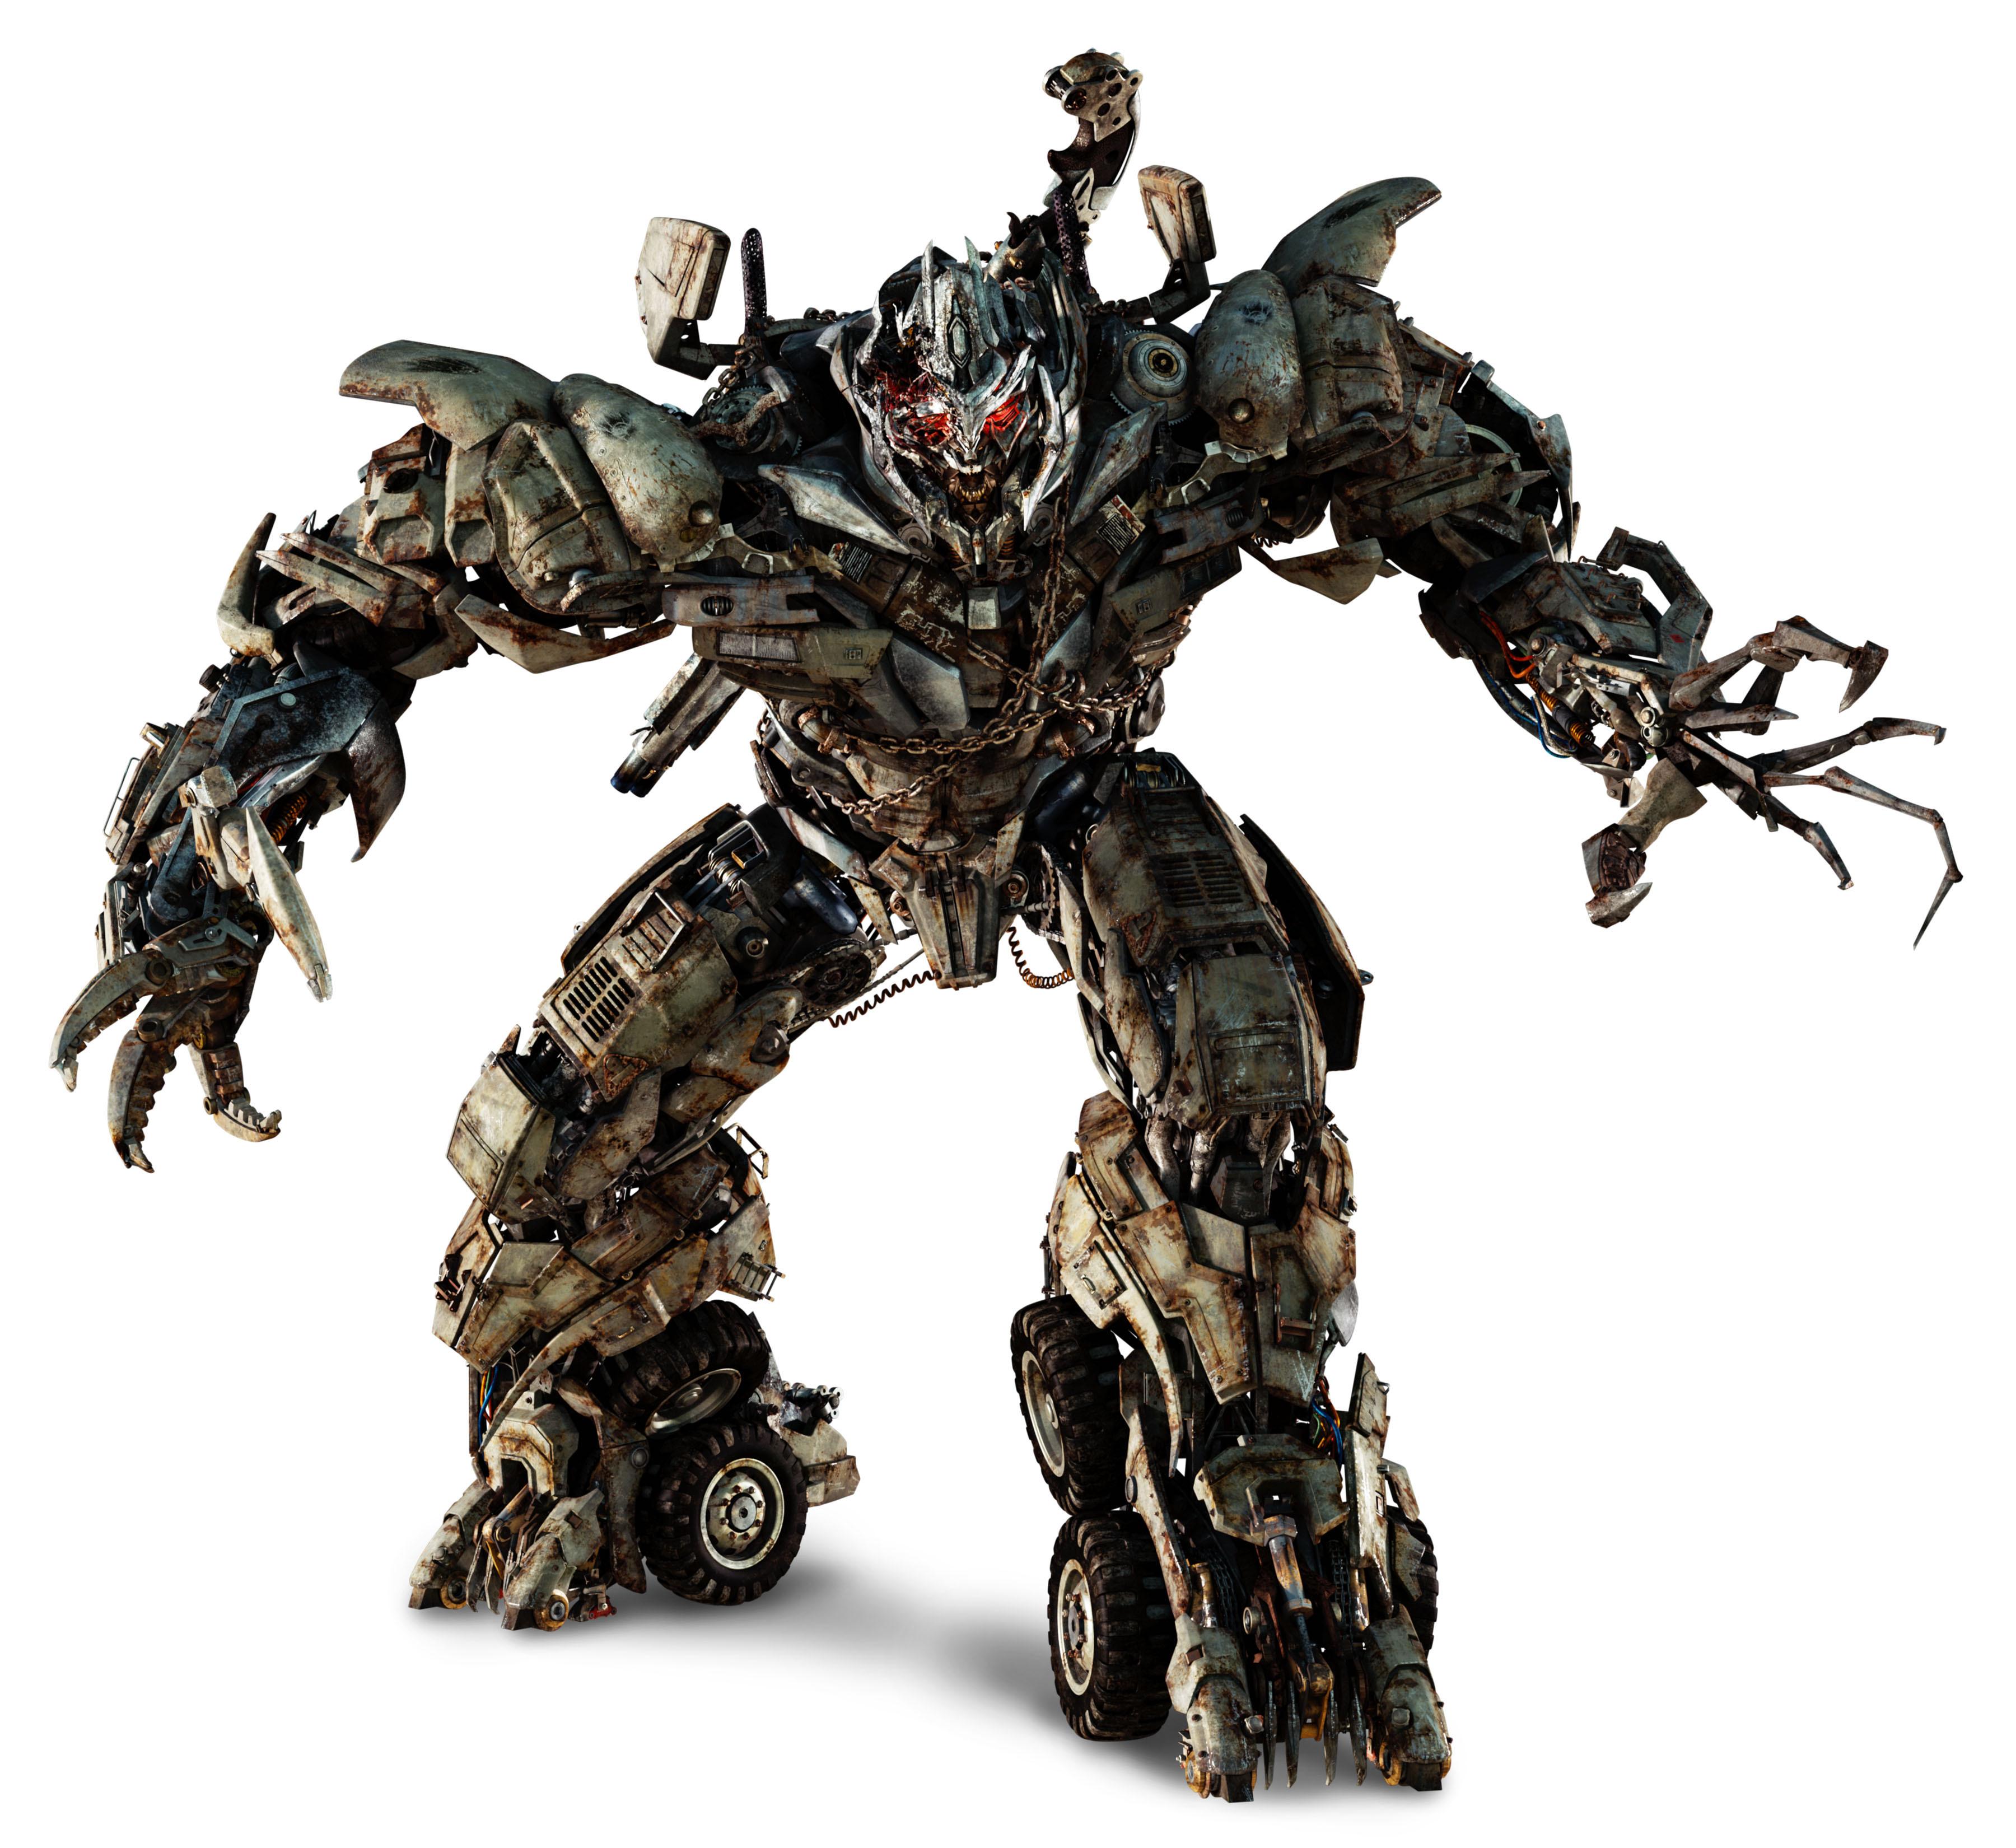 变形金刚3主要机器人形象图片 人物图片素材 图库下载 编号